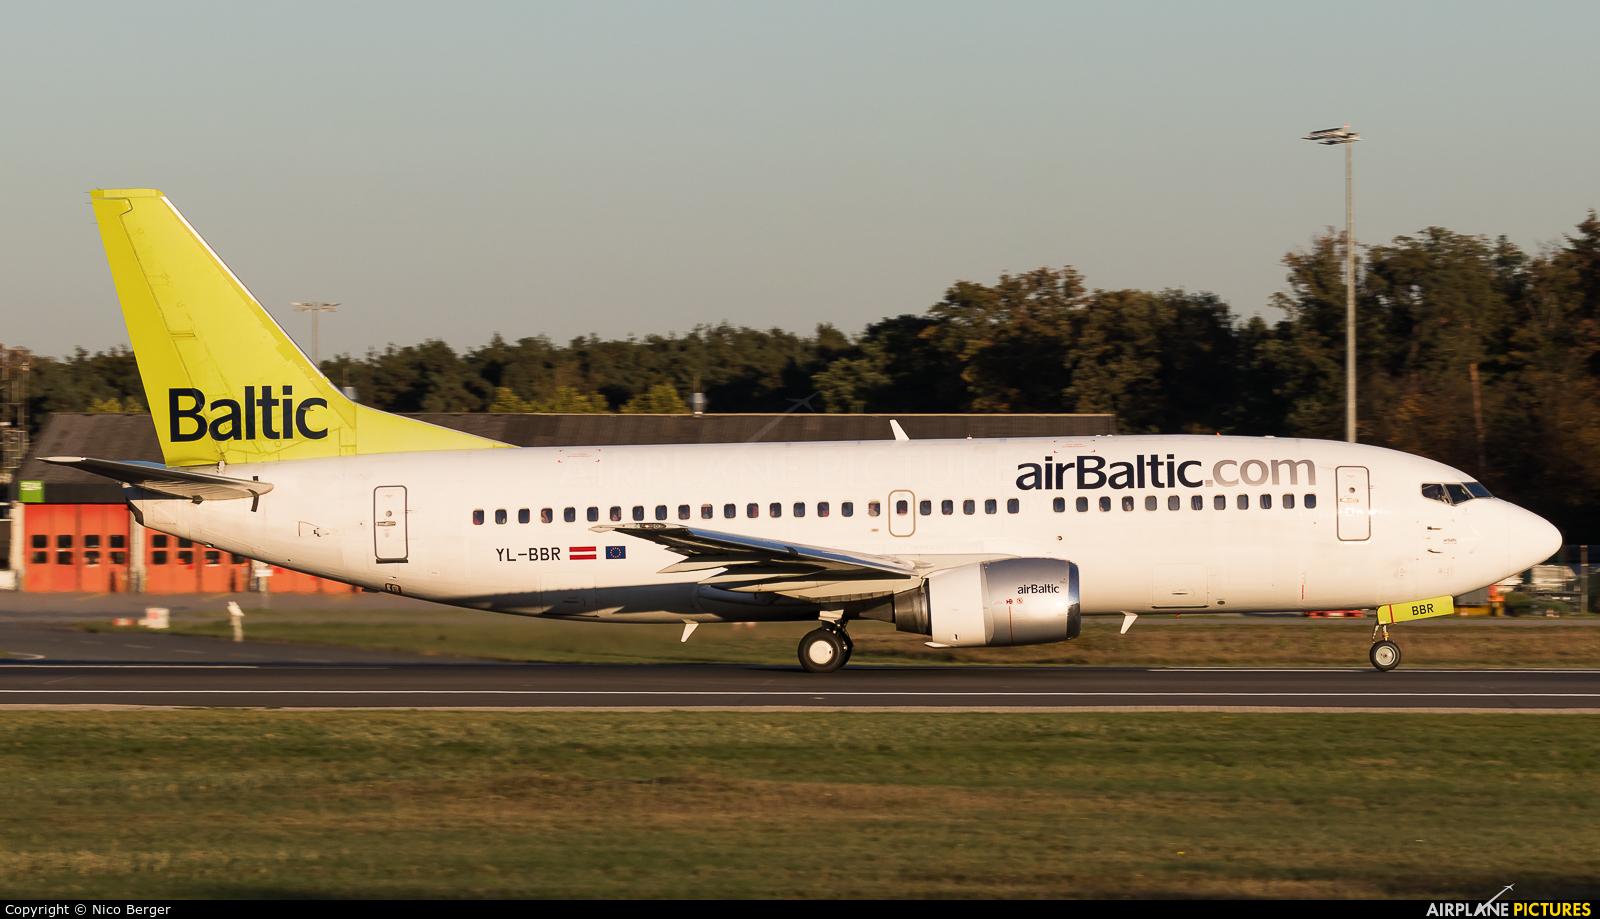 Air Baltic YL-BBR aircraft at Frankfurt